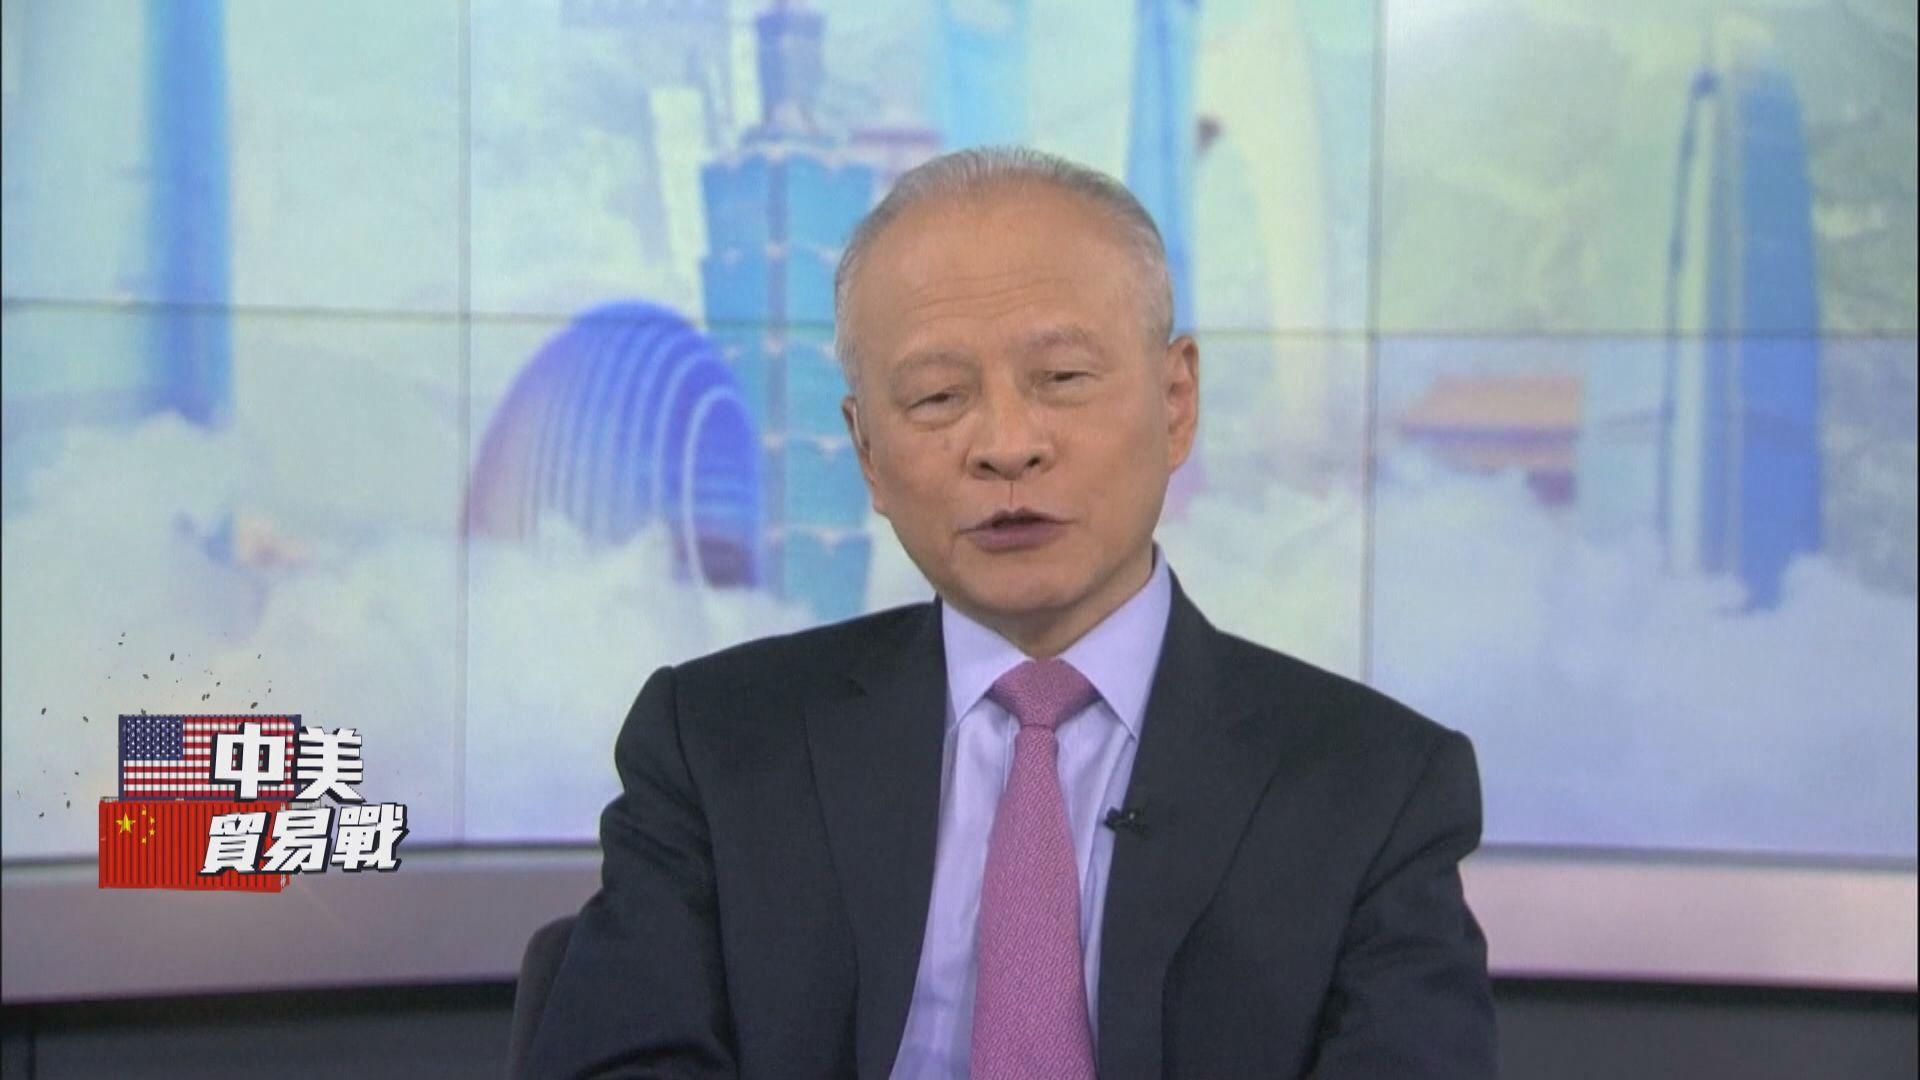 中國駐美國大使崔天凱:提倡中美新冷戰說法不負責任